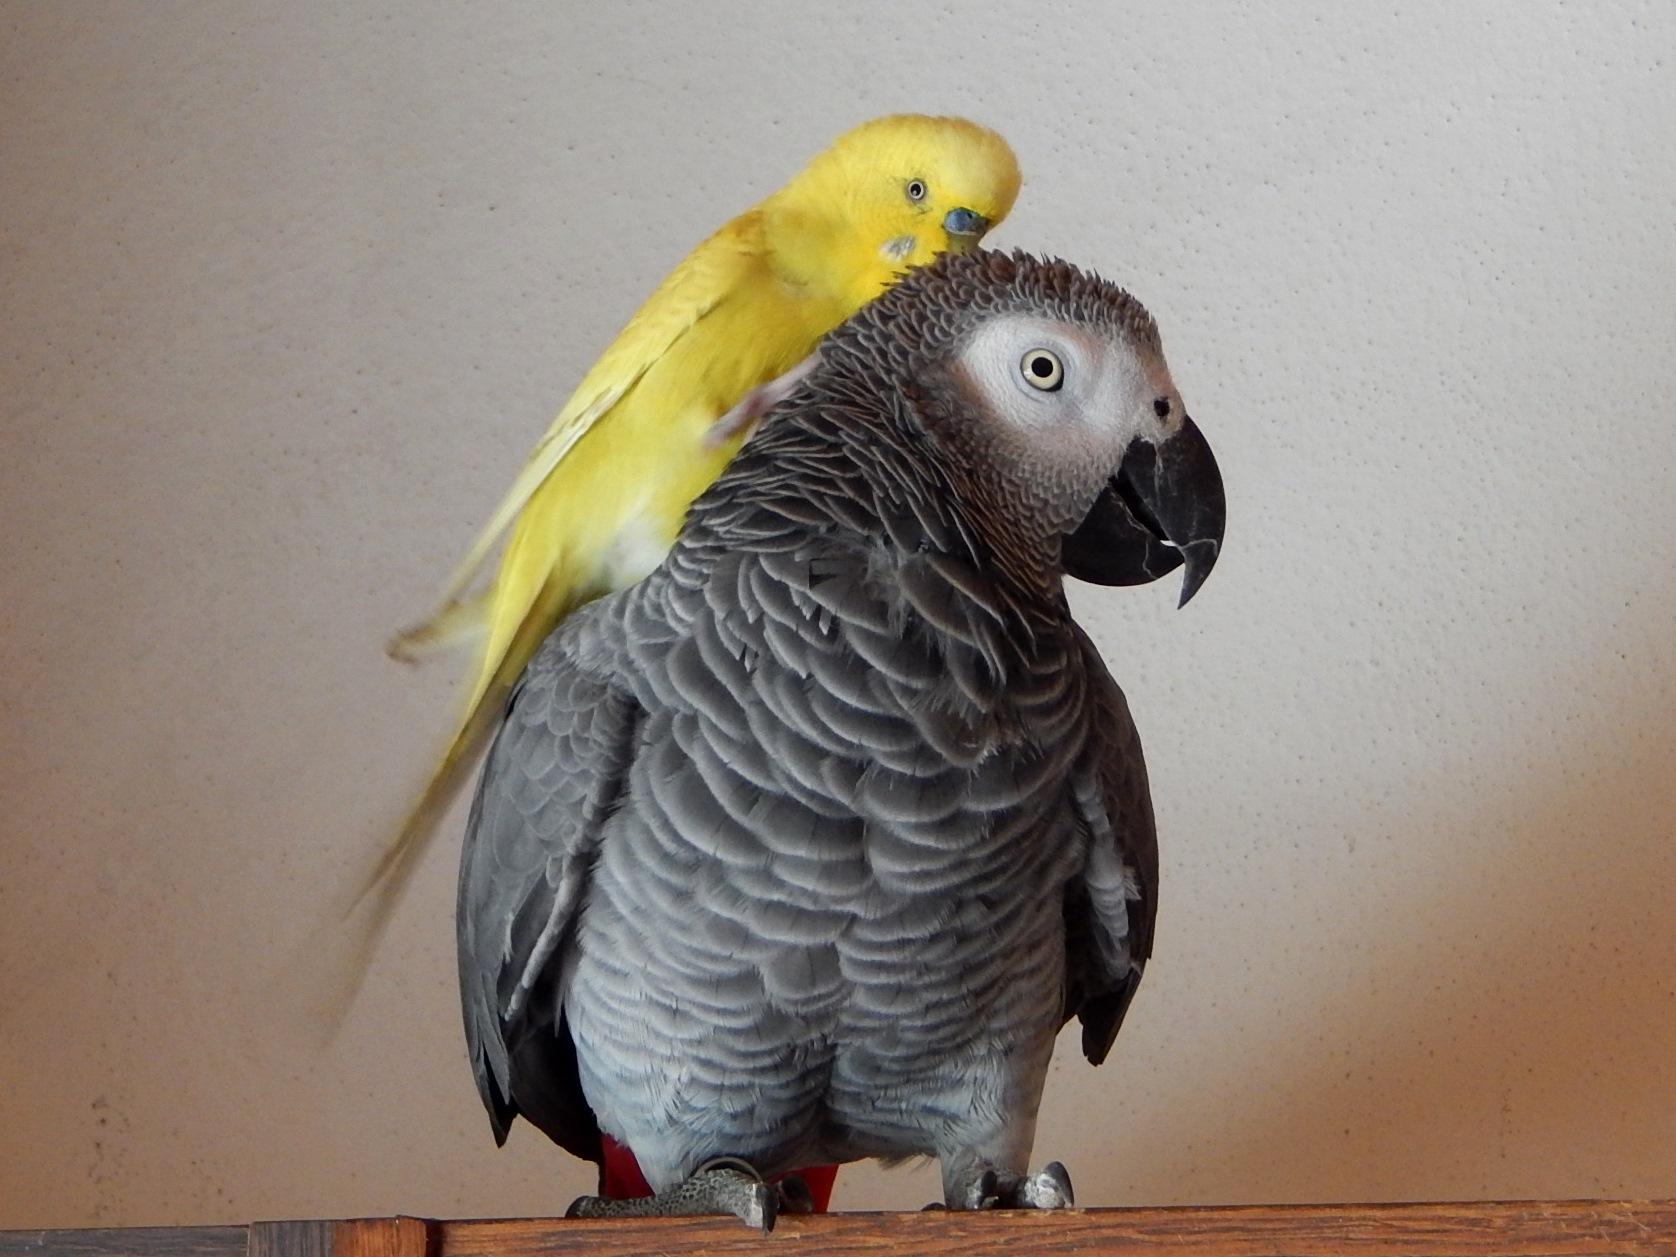 """Přátelství mezi samečky dvou nejlépe imitujících papouščích druhů.  Zatímco větší žako dokáže pochopit význam většiny naučených slov a používat je vpříslušných souvislostech, andulka imituje zvuky svého hejna. Proto se """"mluvit"""" nejlépe naučí od mala"""